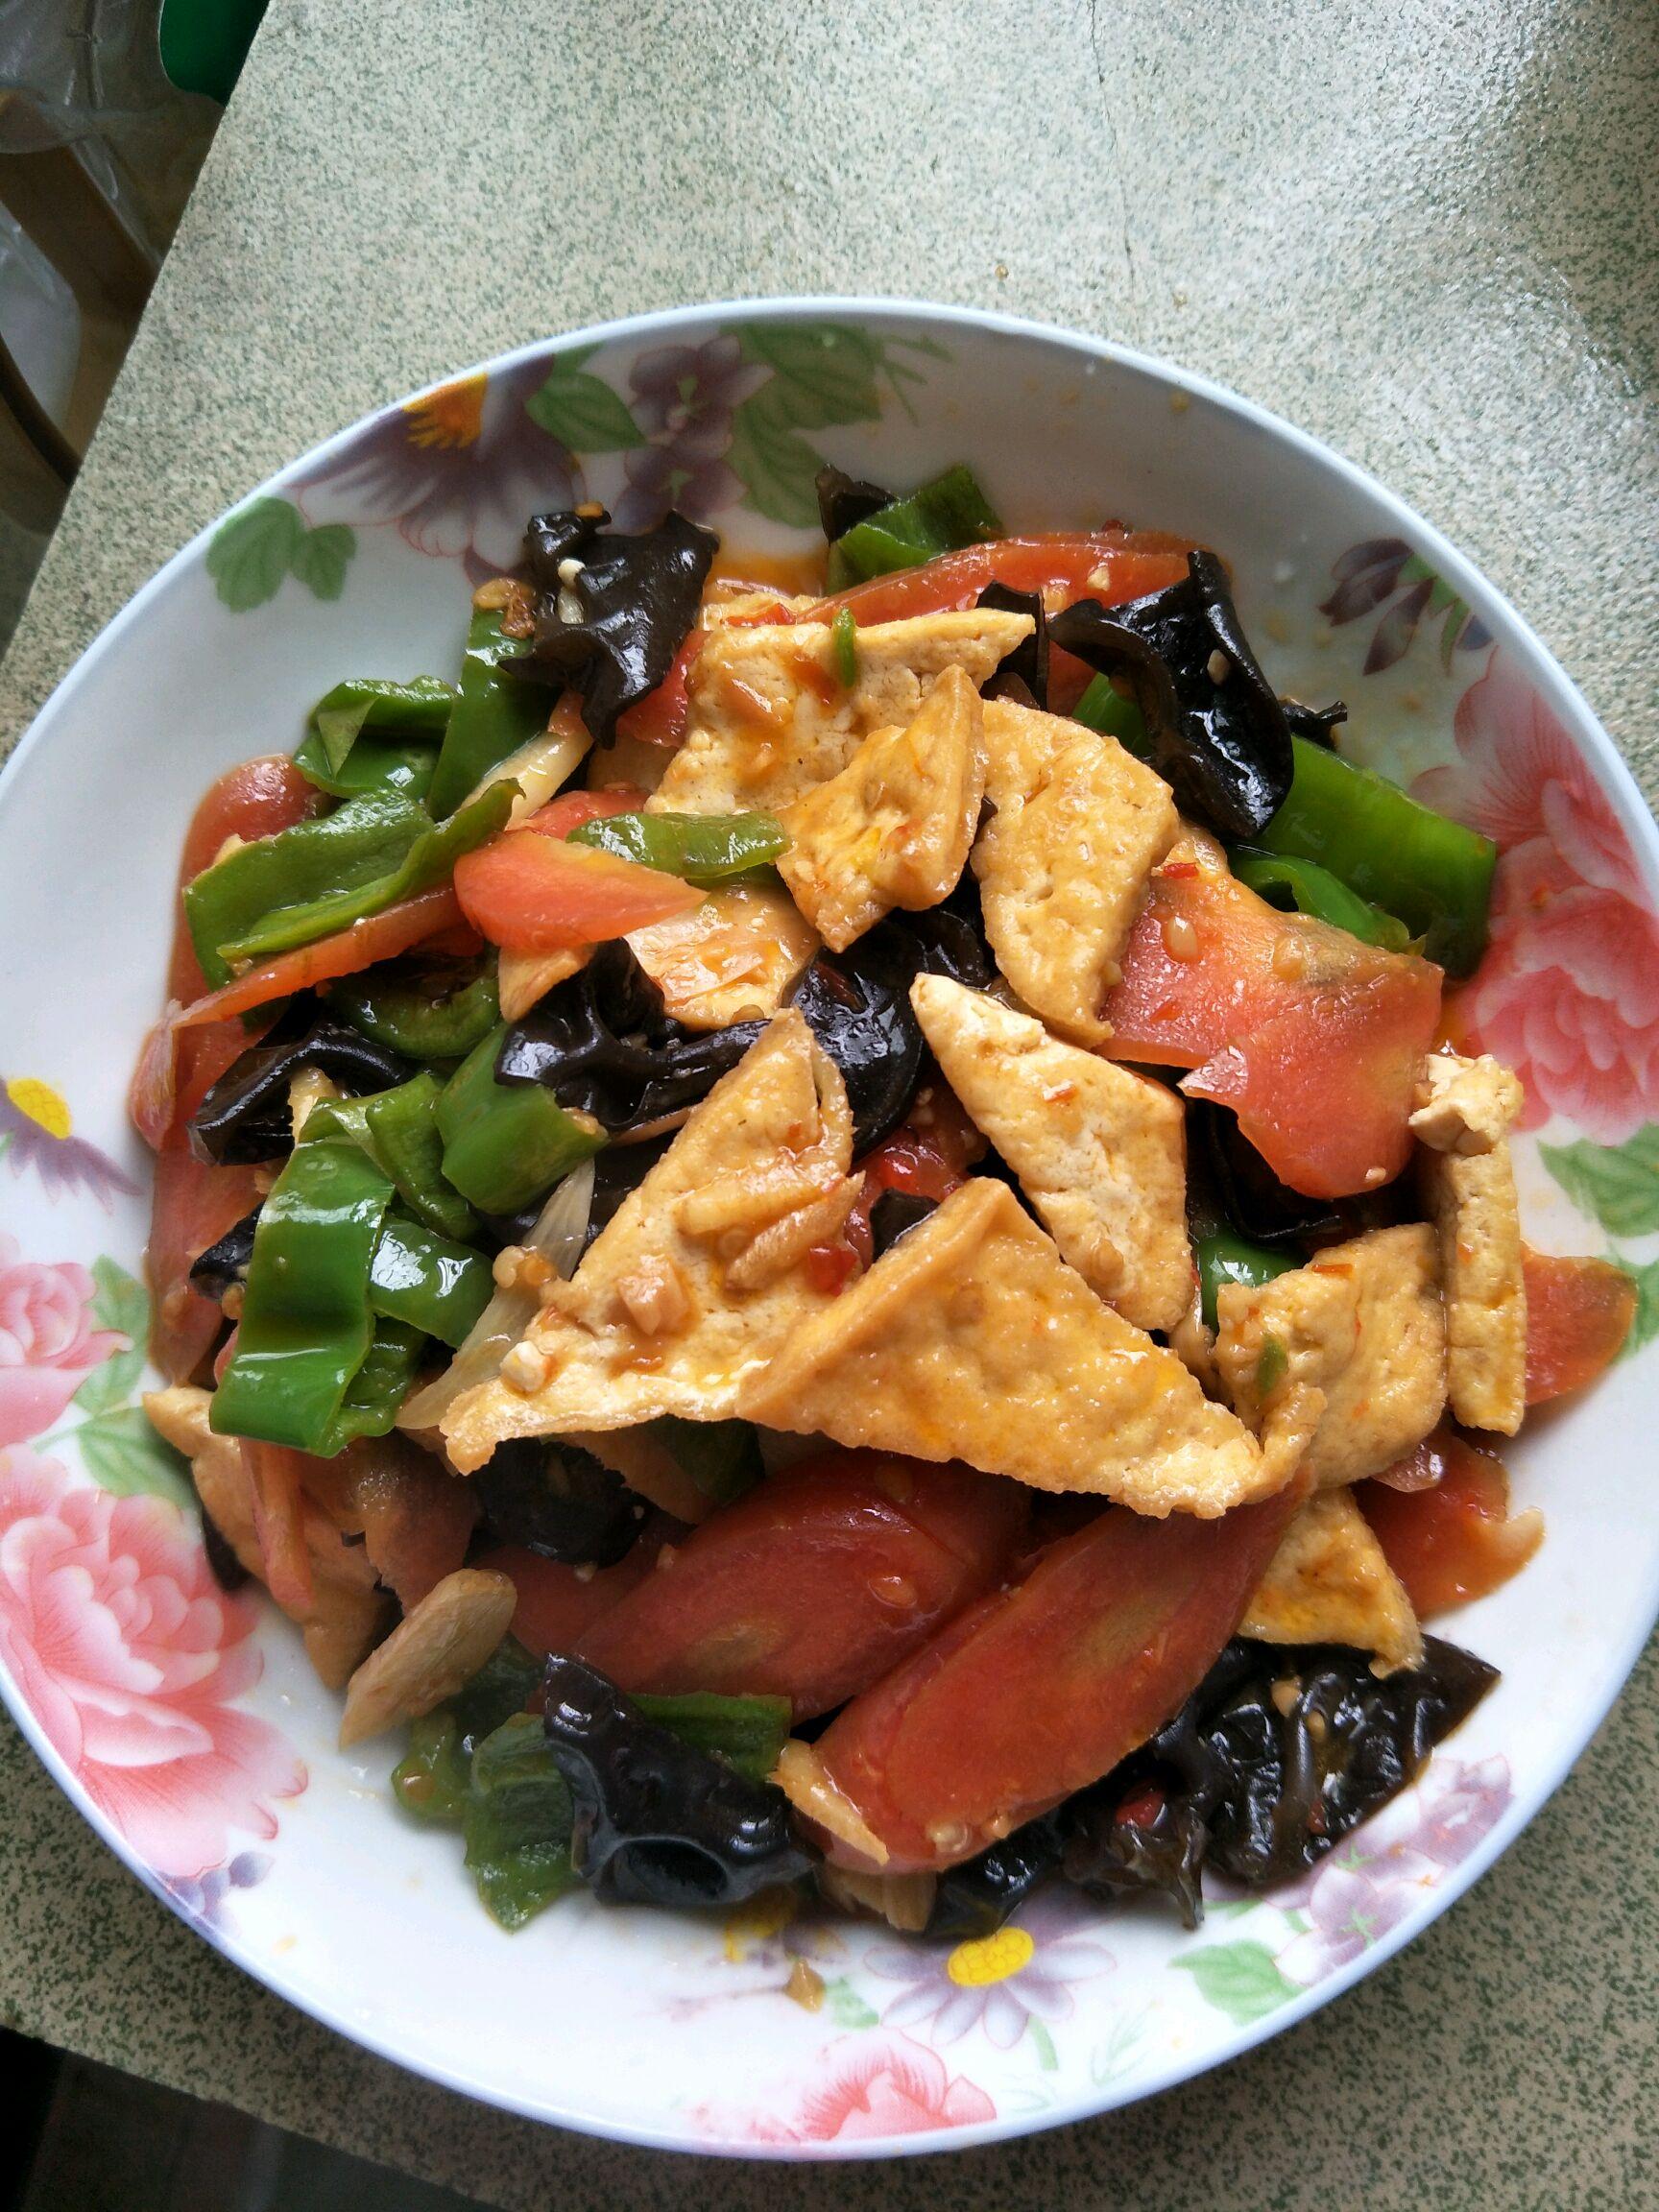 家常豆腐的做法食谱孕期每日月第二个图片